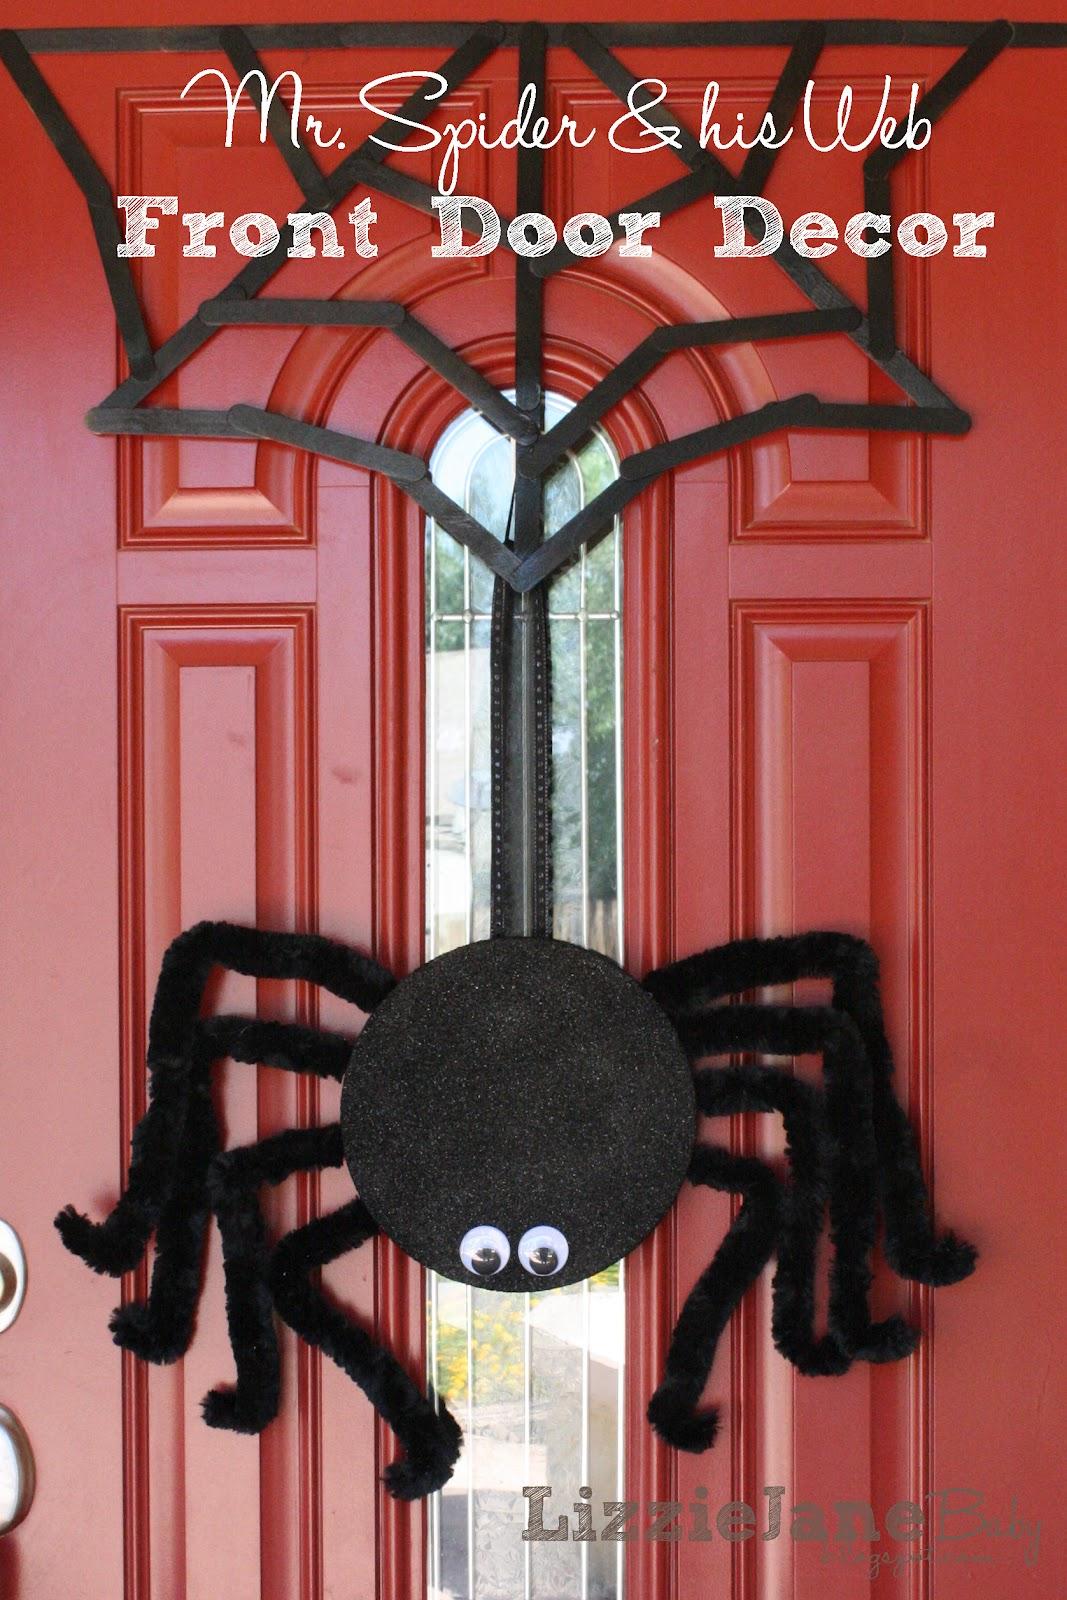 Halloween door decorations mummy downloader - Halloween Door Decorations Mummy Downloader 1